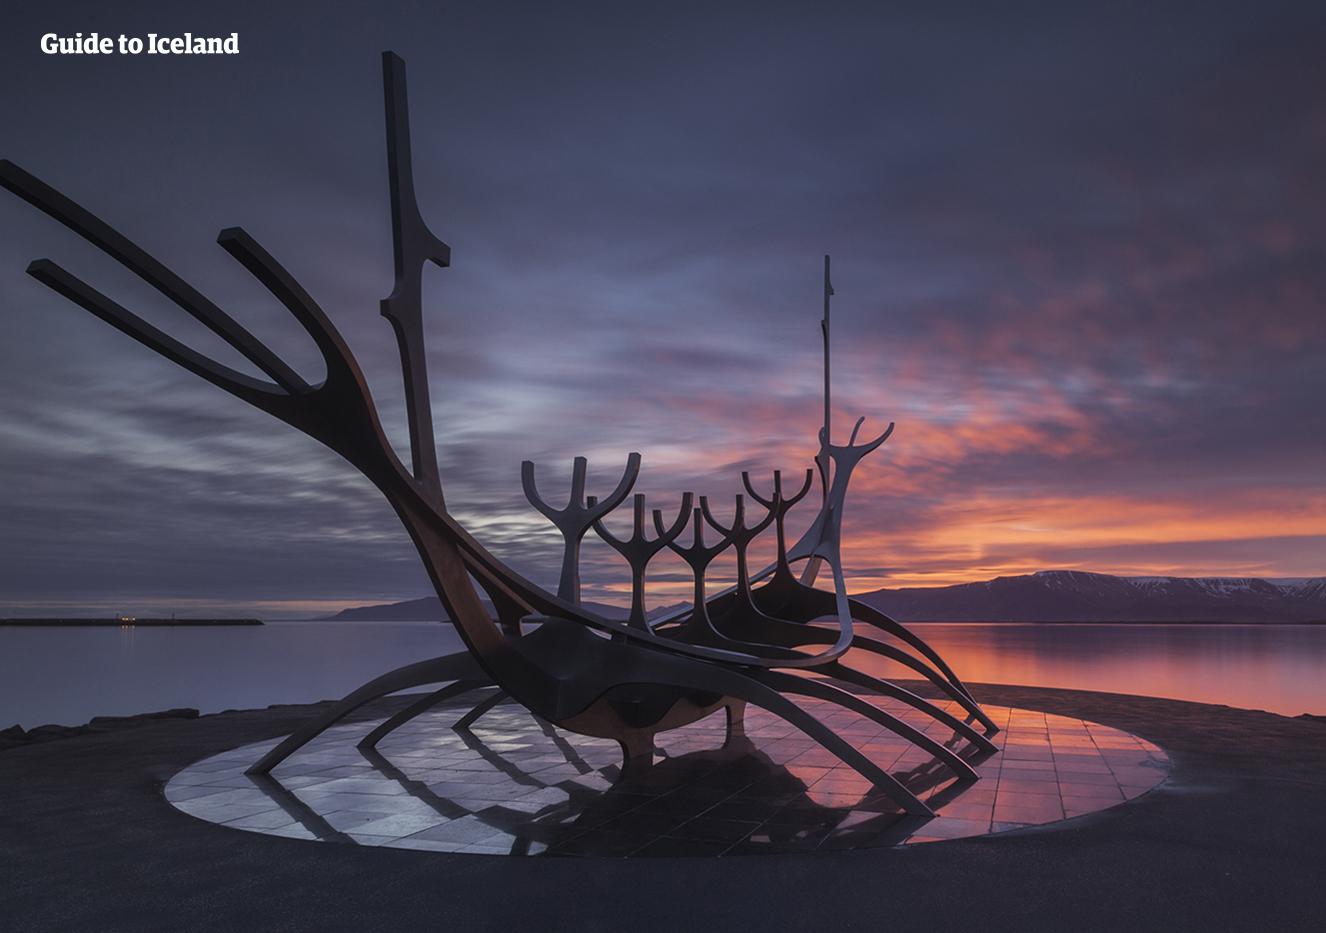 雷克雅未克海边的太阳航海者雕塑象征着冰岛维京民族的辉煌历史。